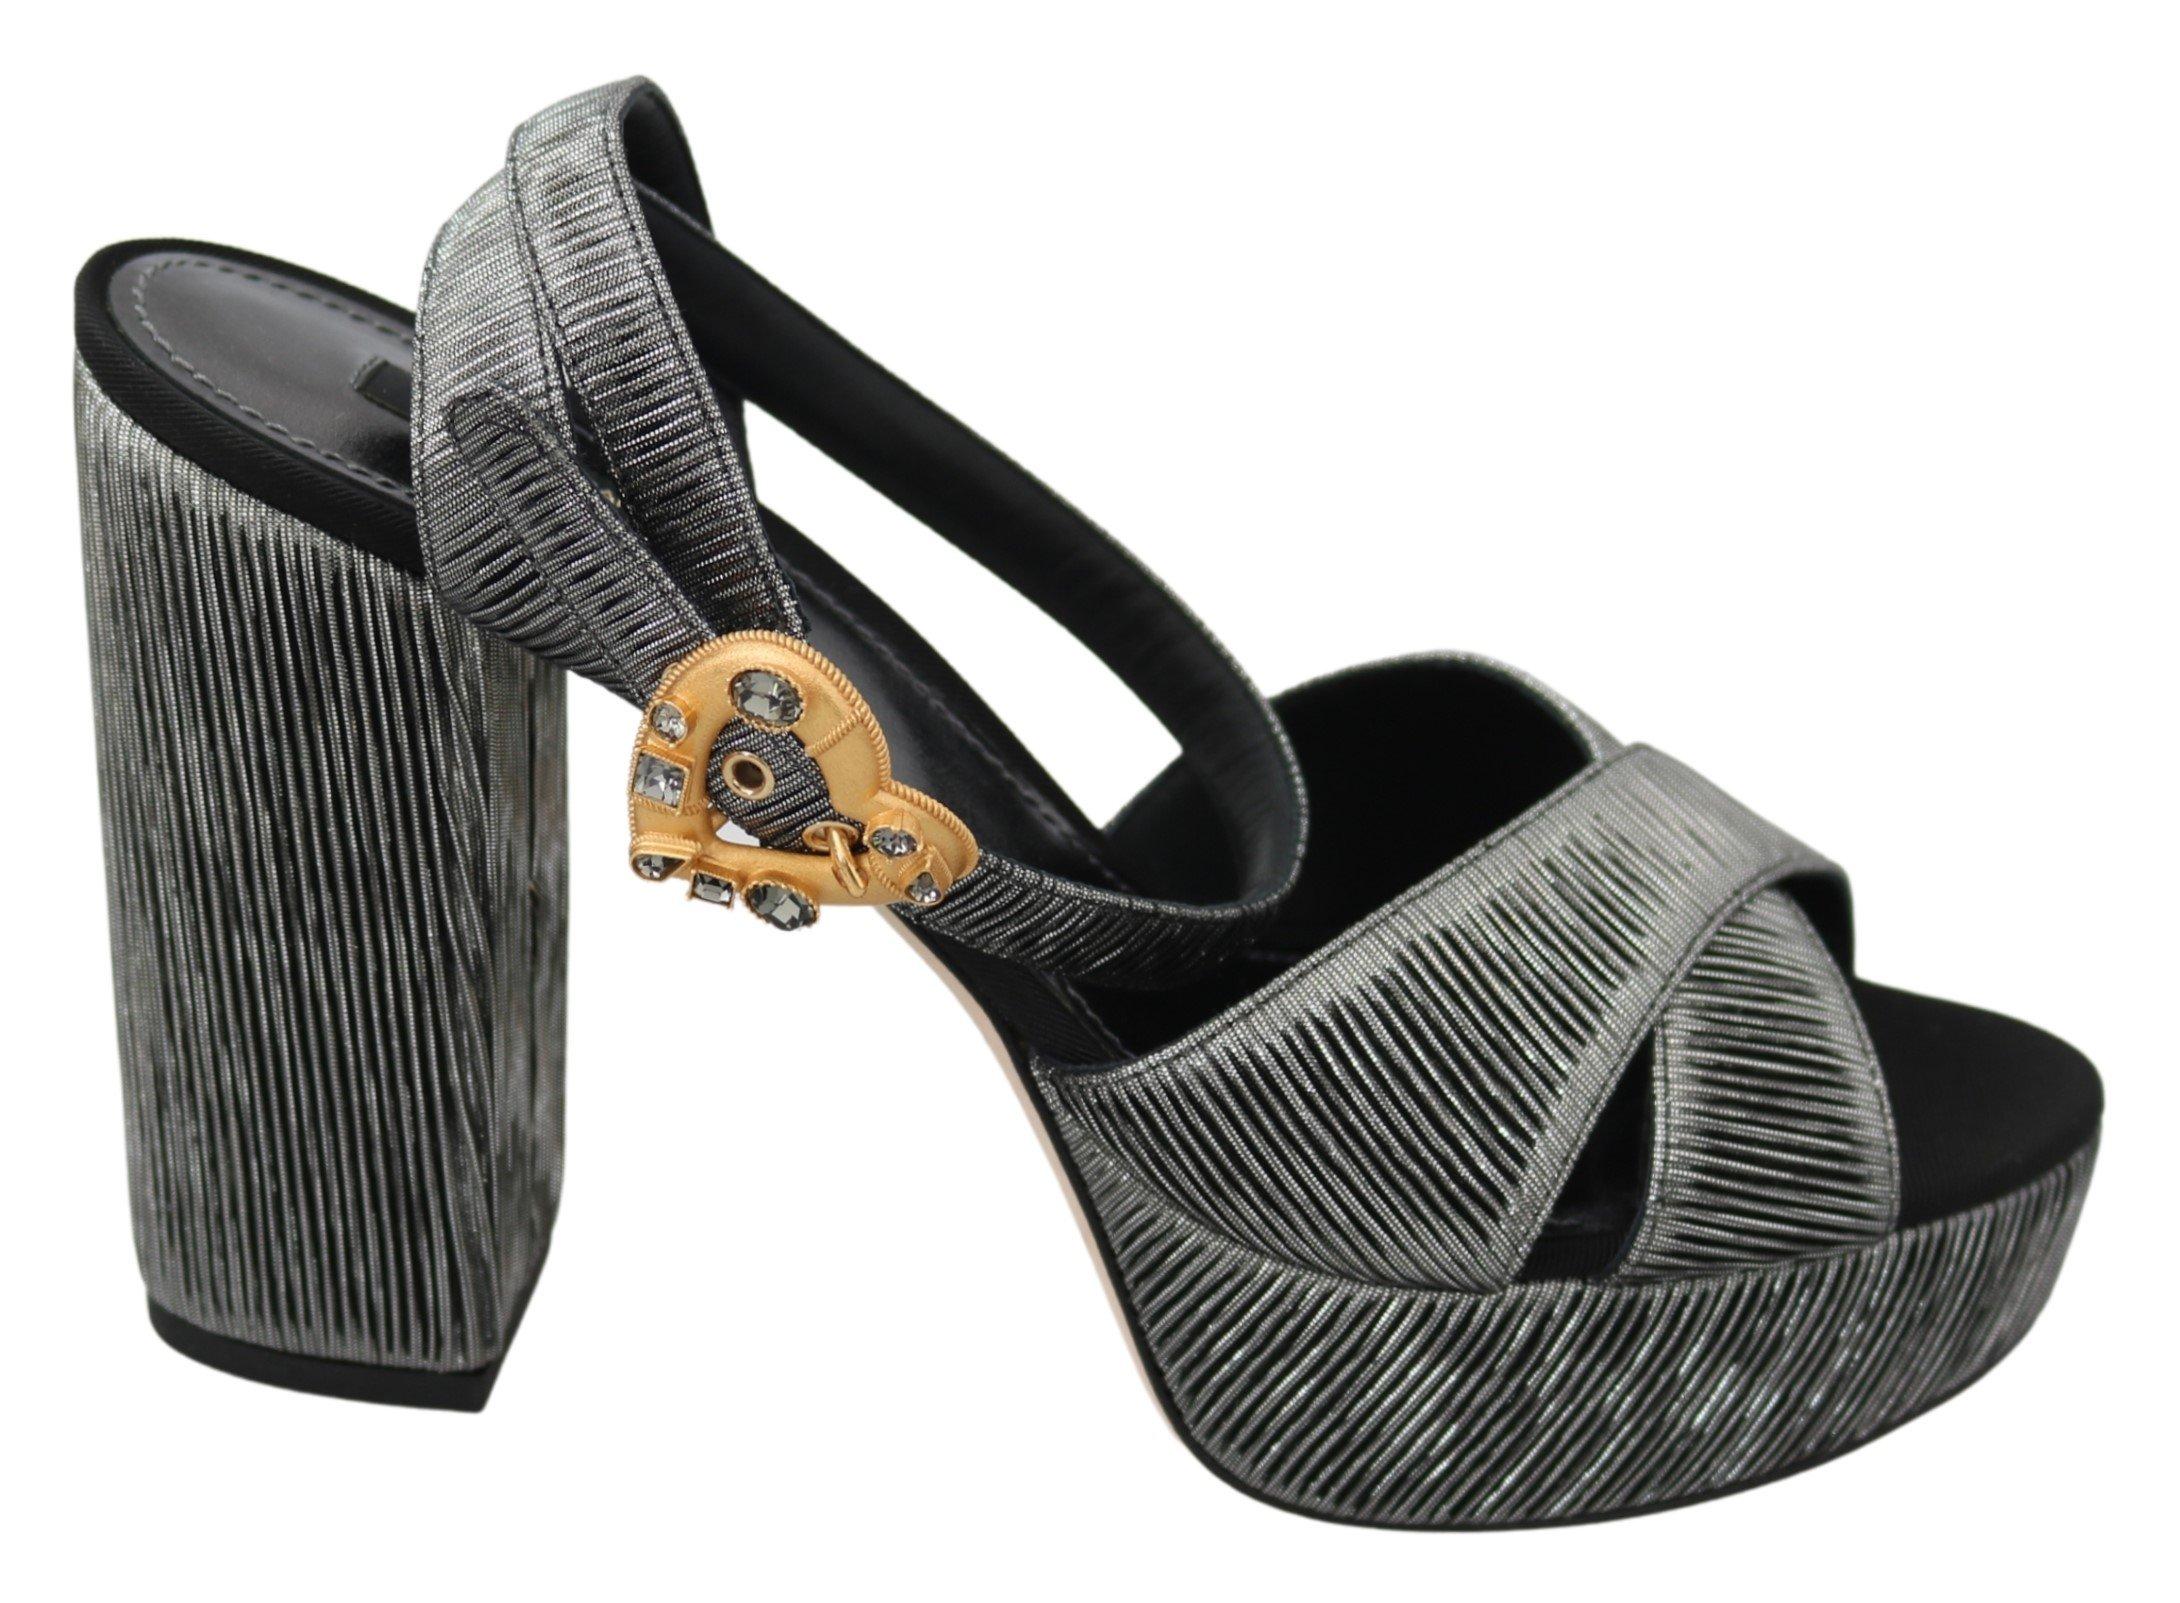 Gray Heart Heels Sandals Platform Shoes - EU41/US10.5